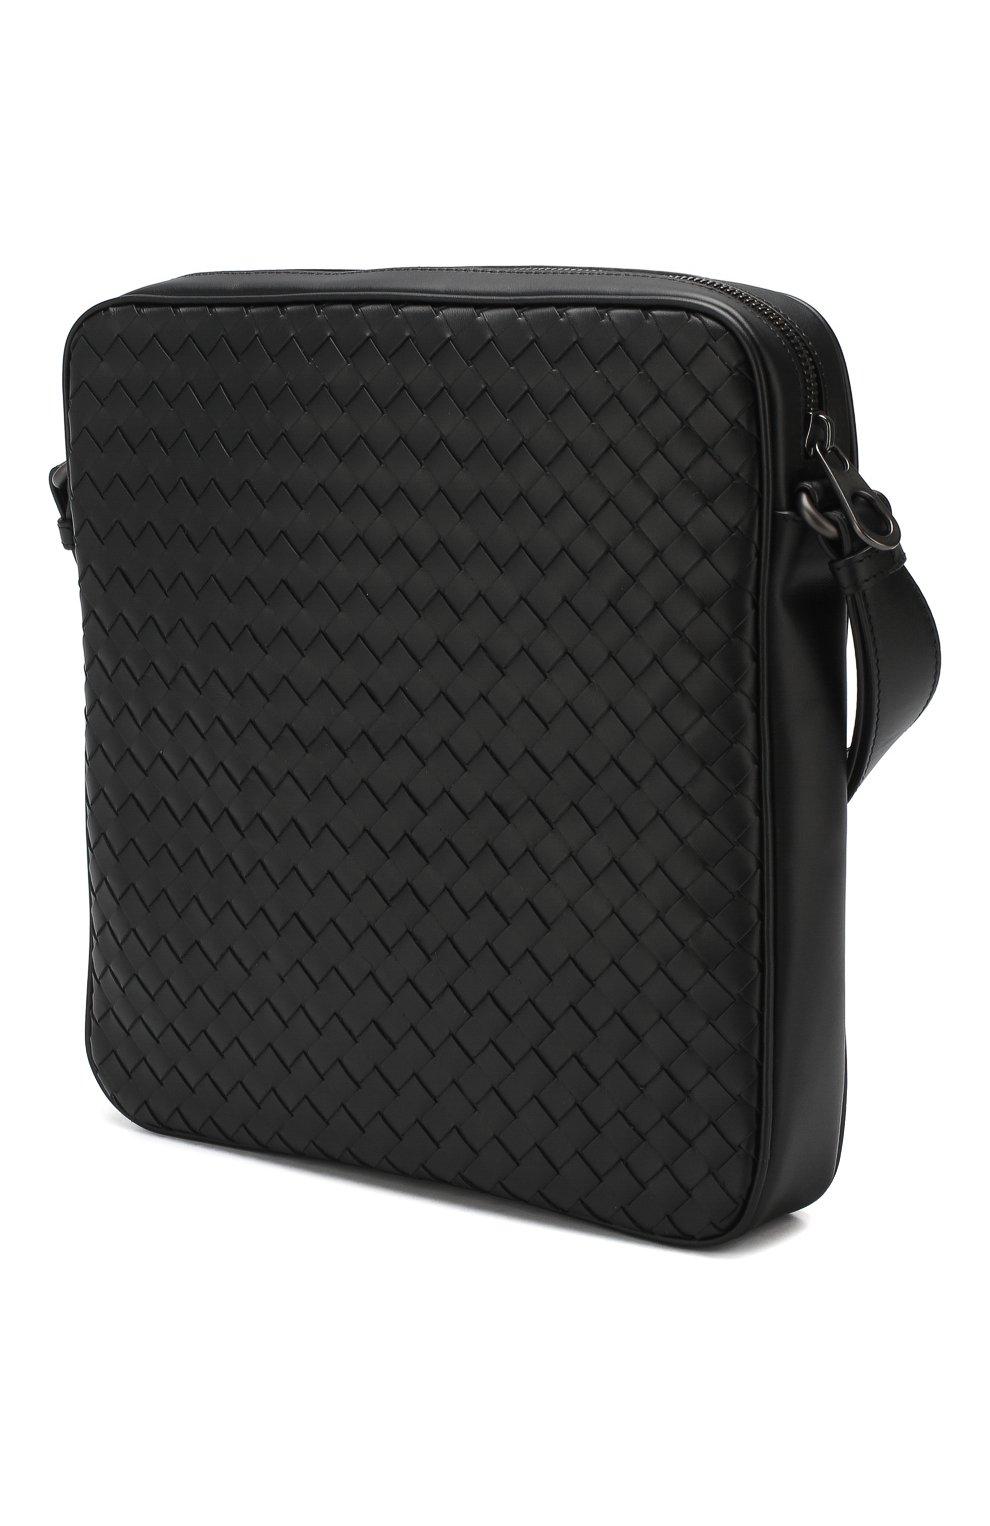 04105c3fcb5f Мужские сумки Bottega Veneta по цене от 36 050 руб. купить в  интернет-магазине ЦУМ